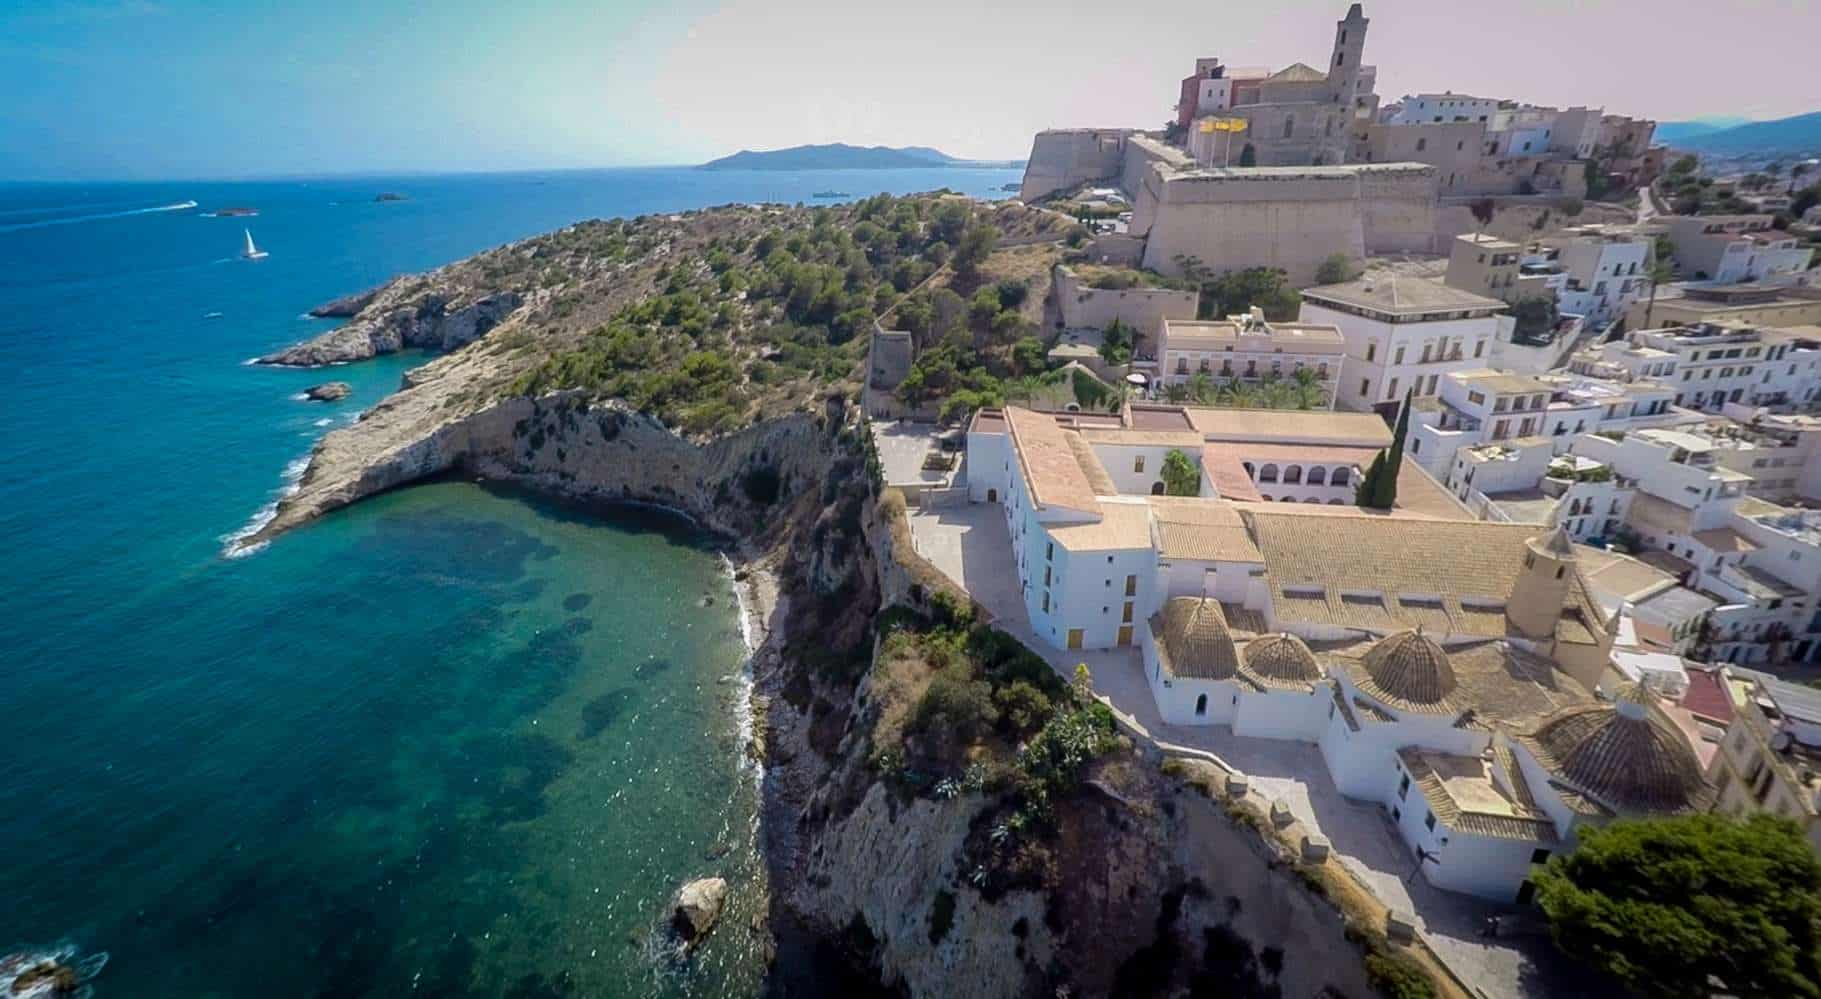 Viajar low cost a Baleares, una experiencia única. 4